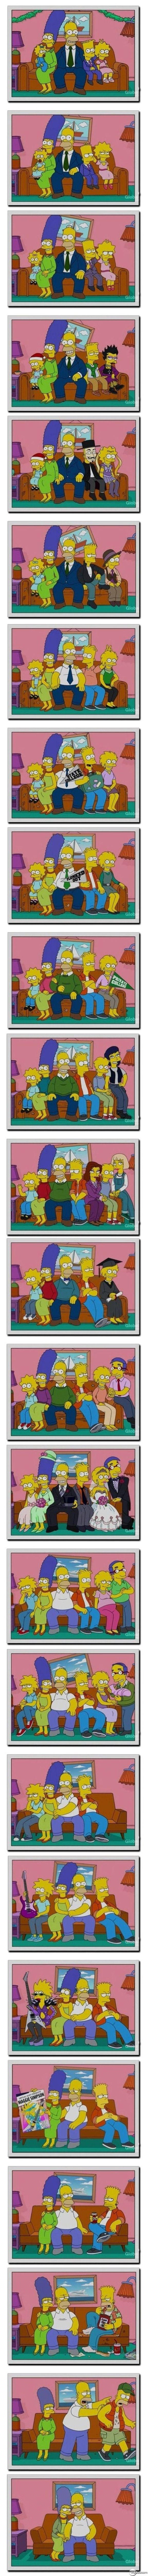 Como-seria-se-os-simpsons-envelhecessem-2